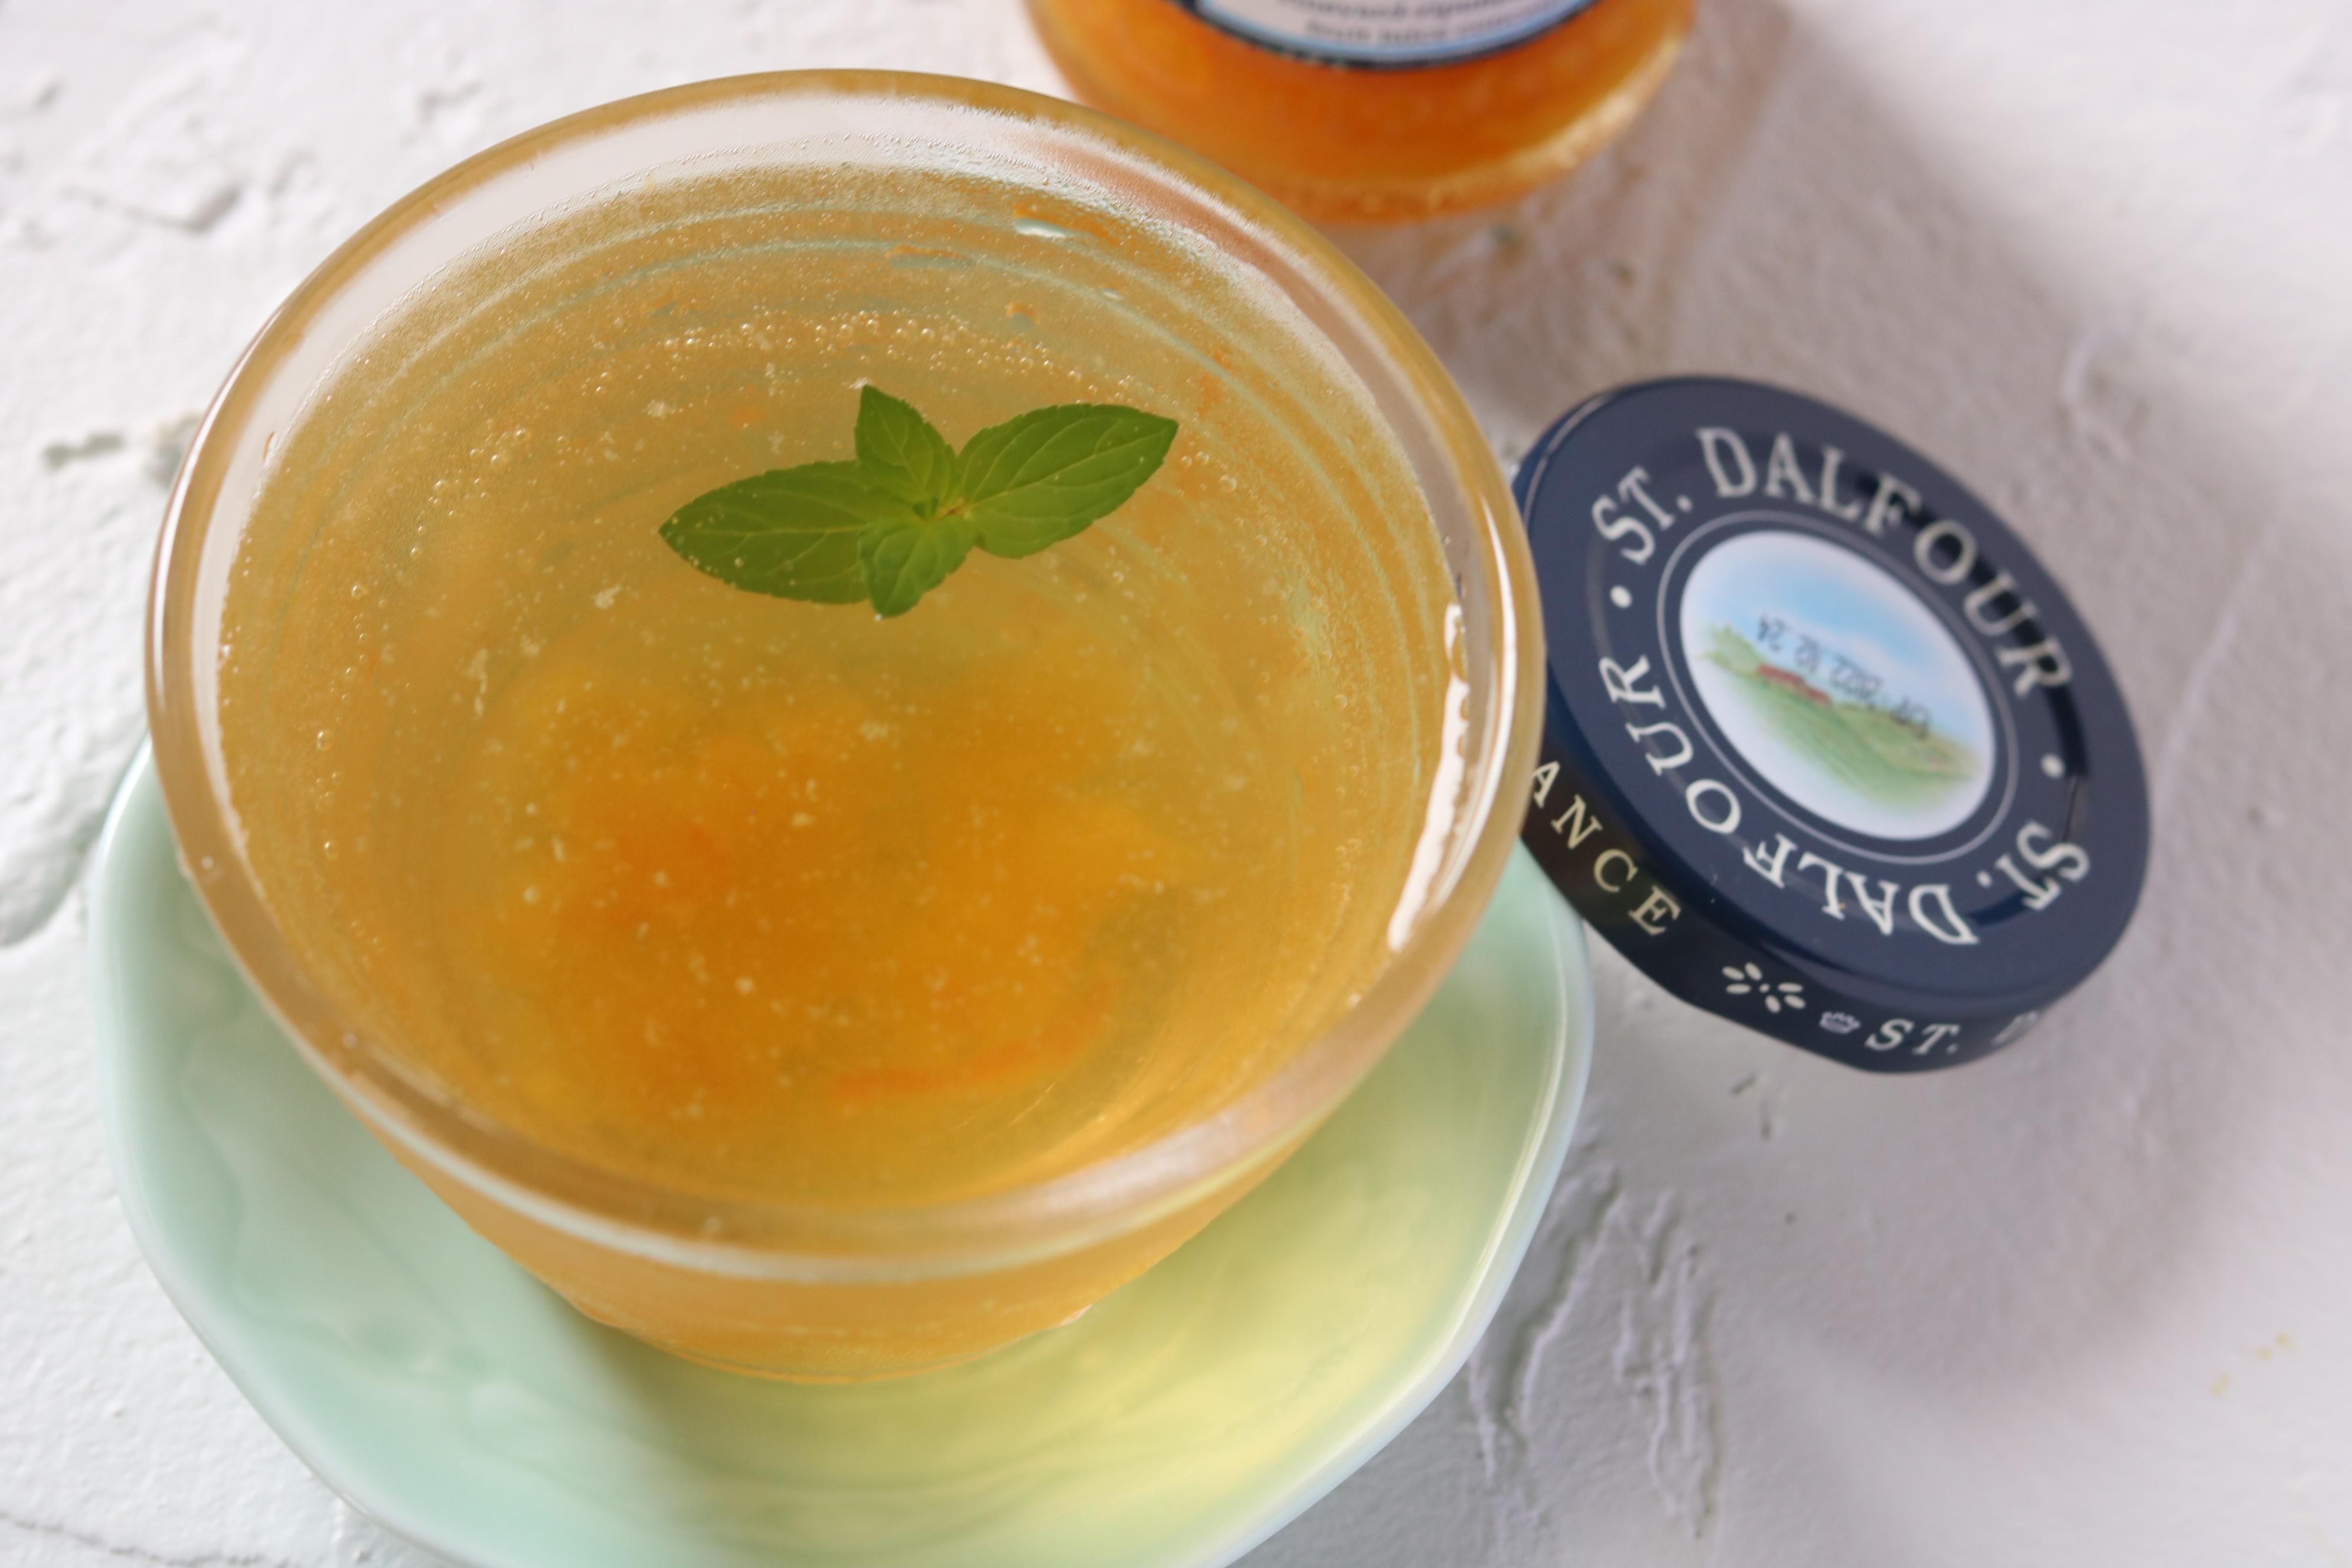 ジャスミンとオレンジの薬膳茶カクテル